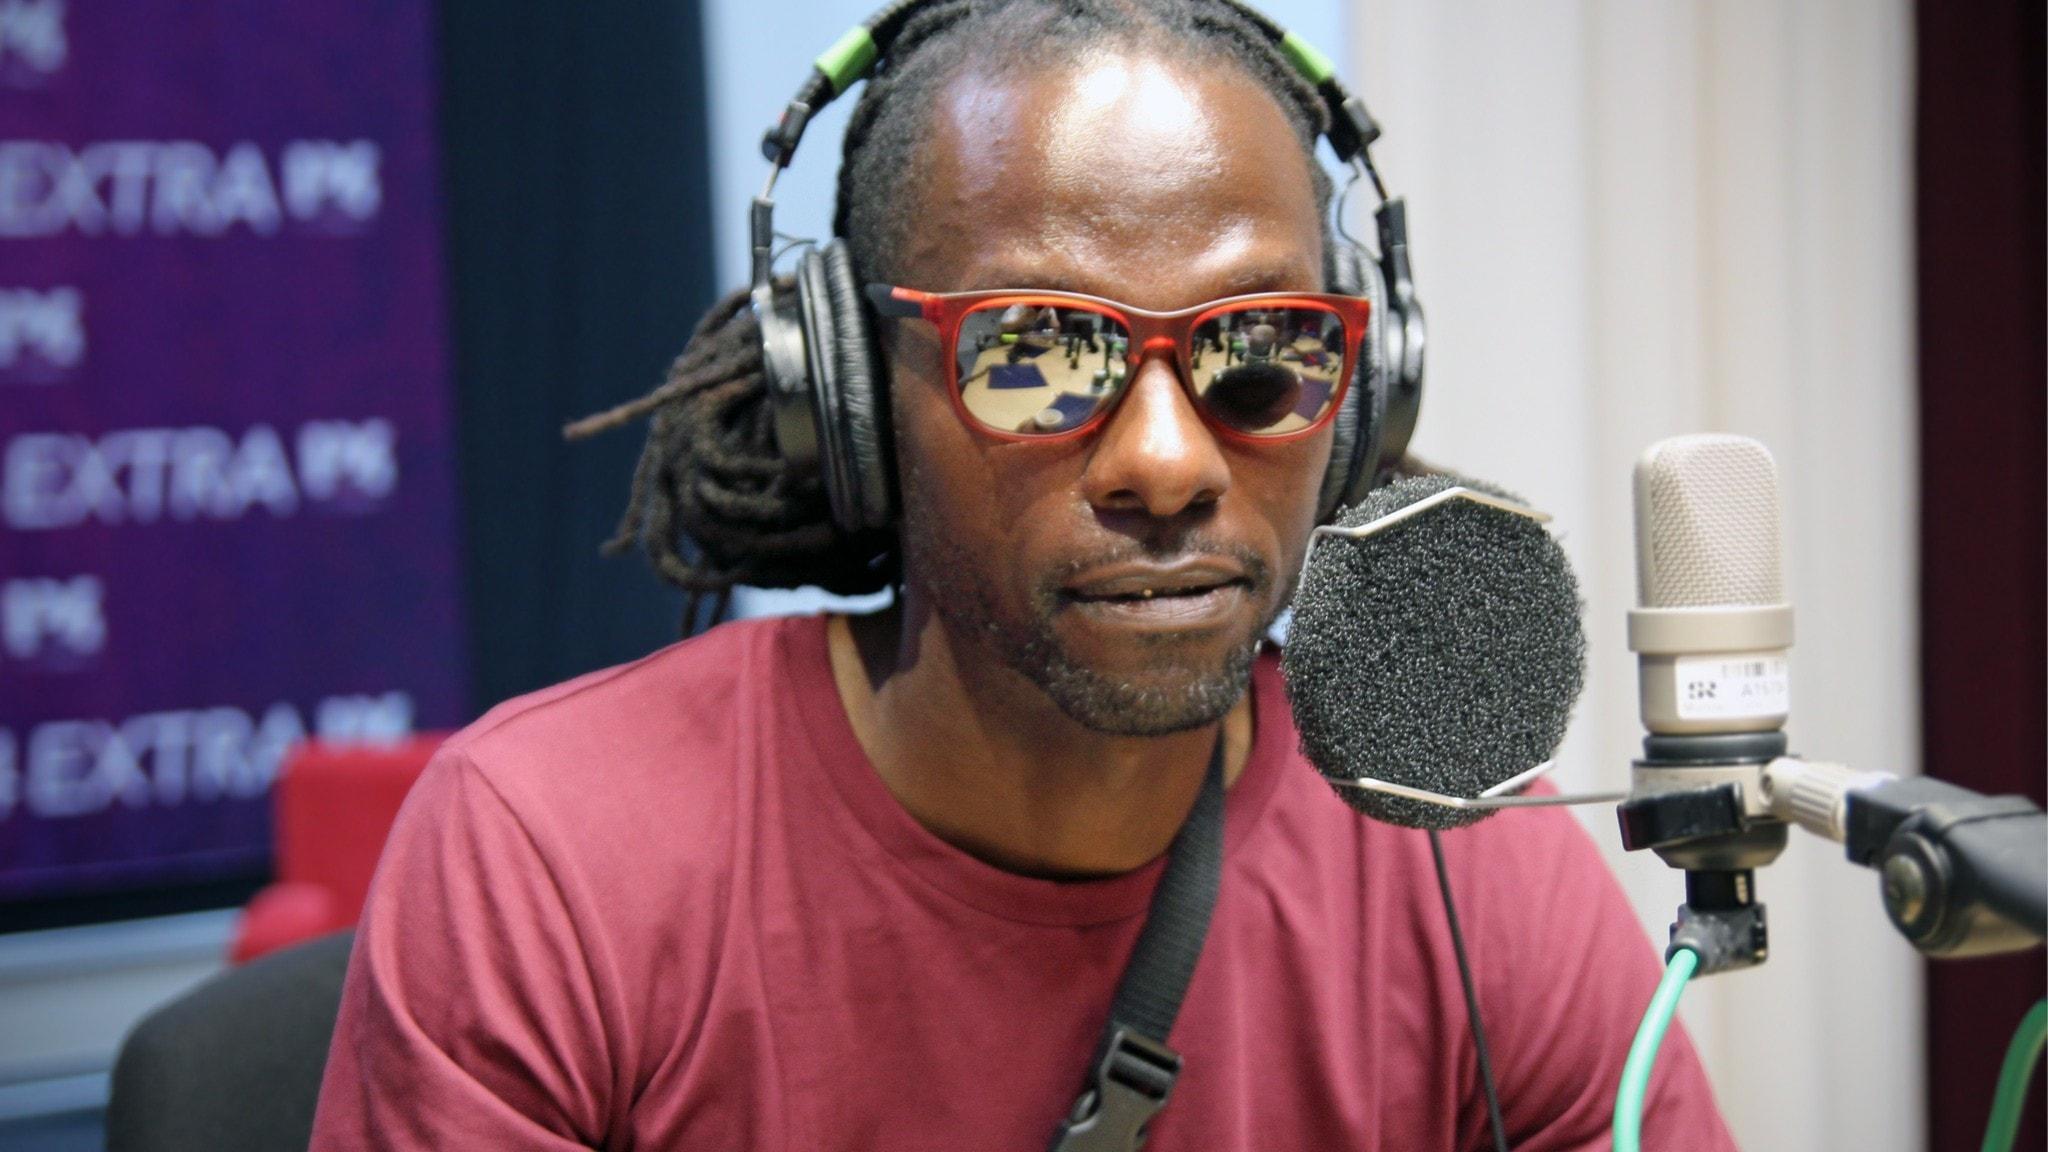 Martin Mutumba